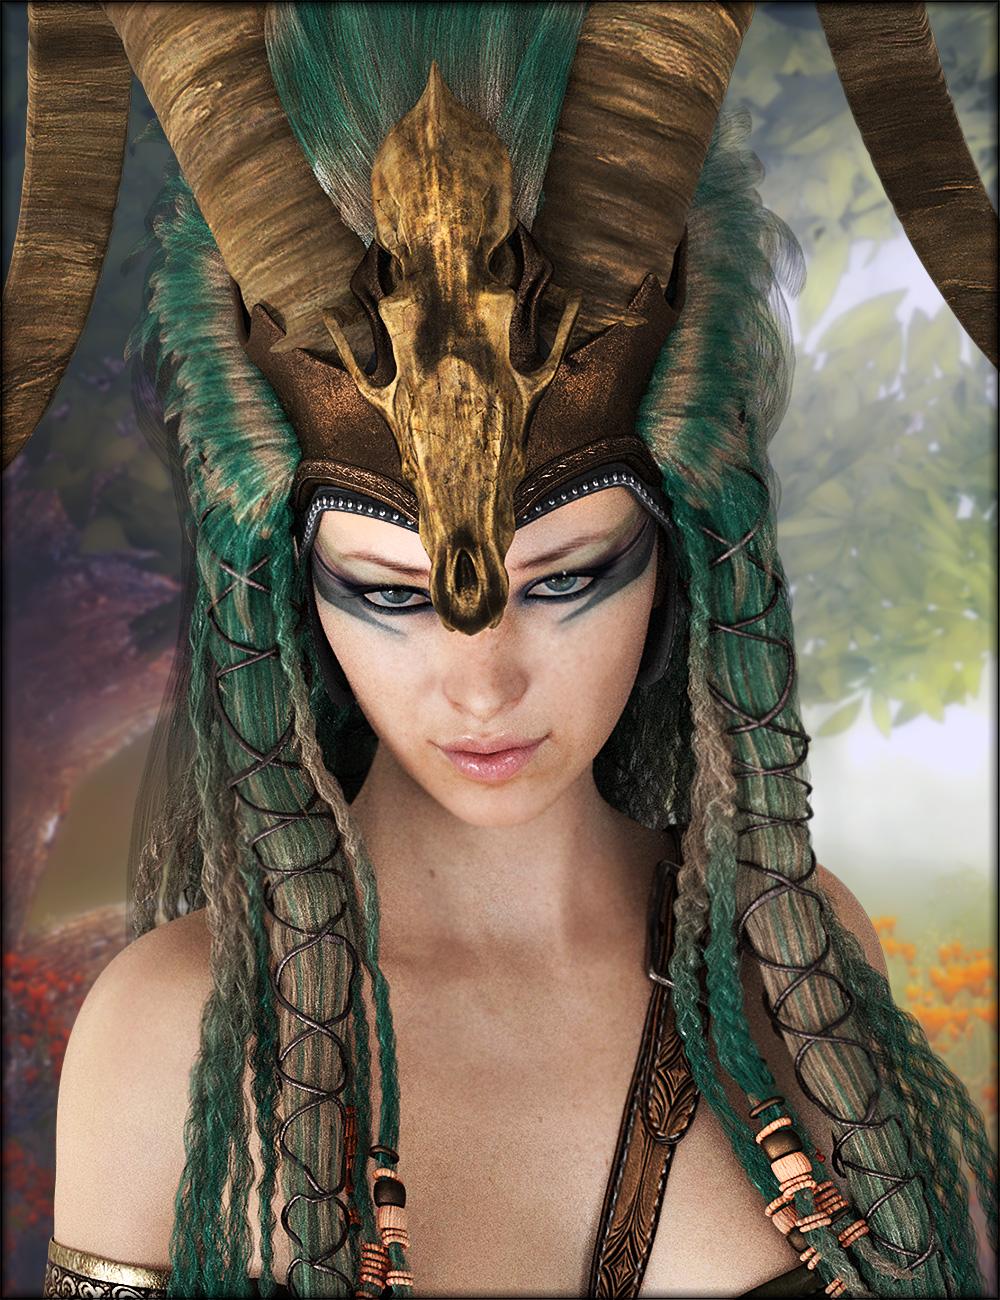 Axarra Headdress Textures by: Shox-Design, 3D Models by Daz 3D